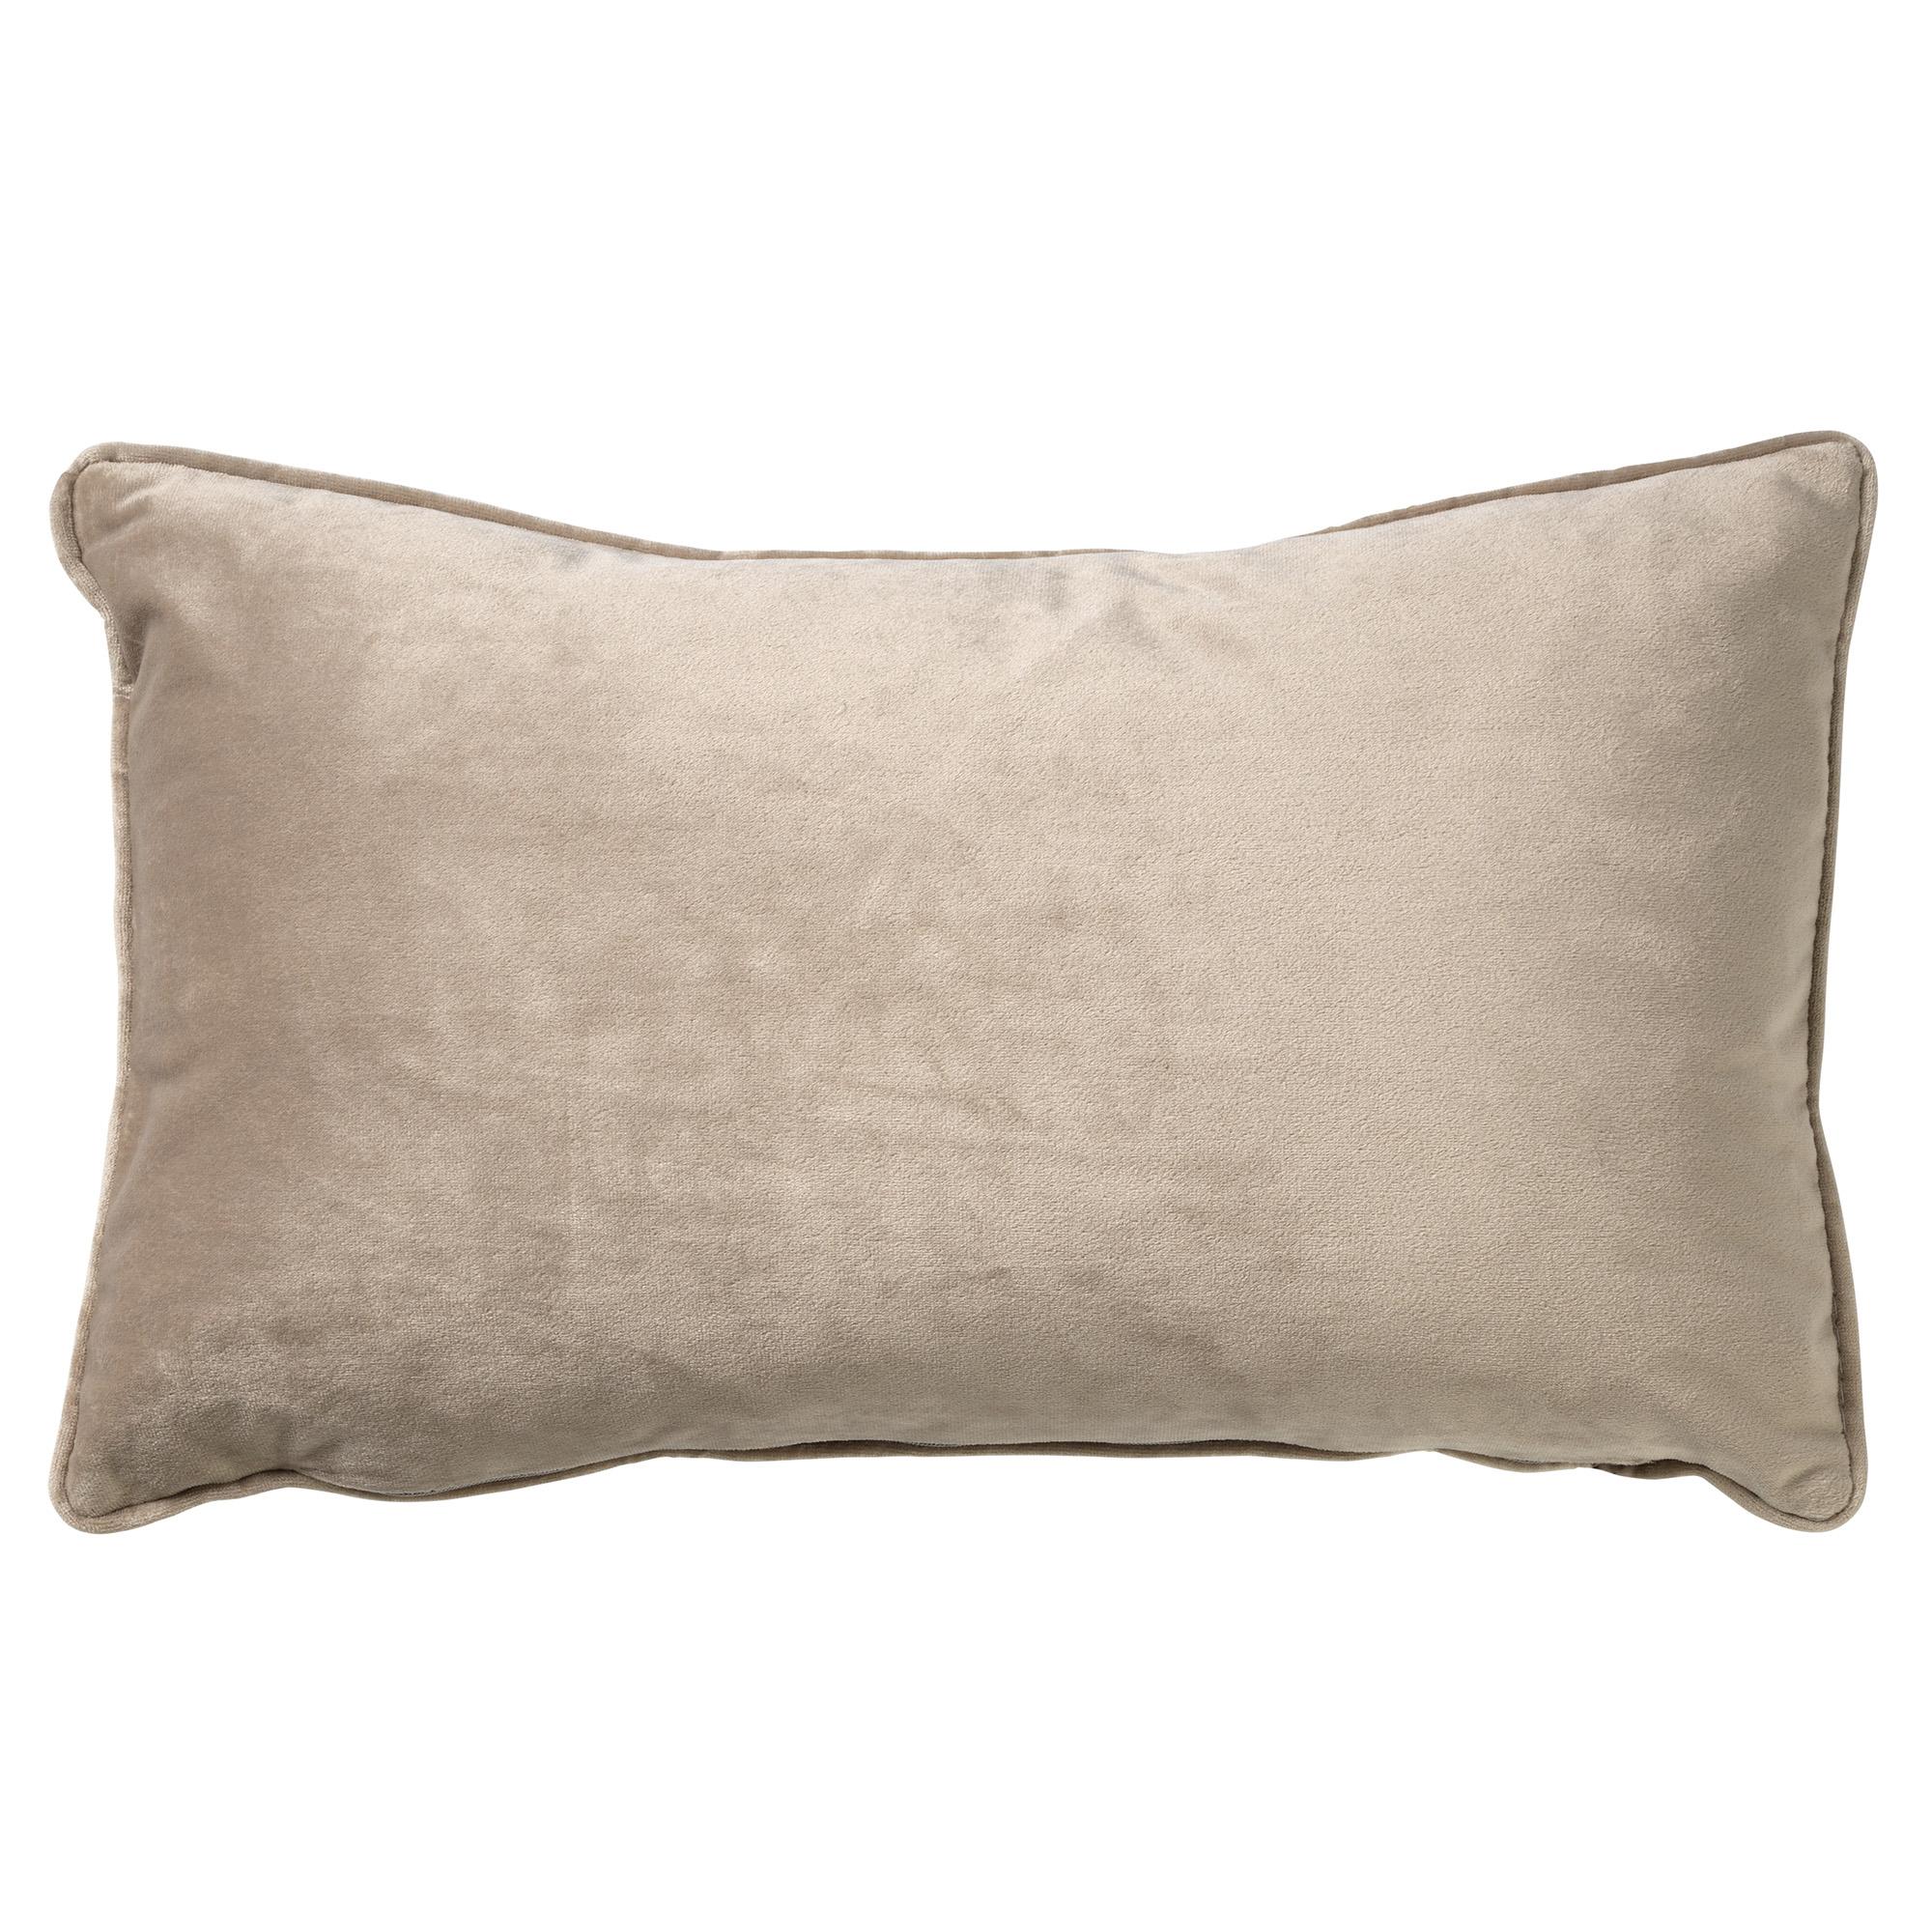 FINN - Sierkussen velvet Pumice Stone 30x50 cm